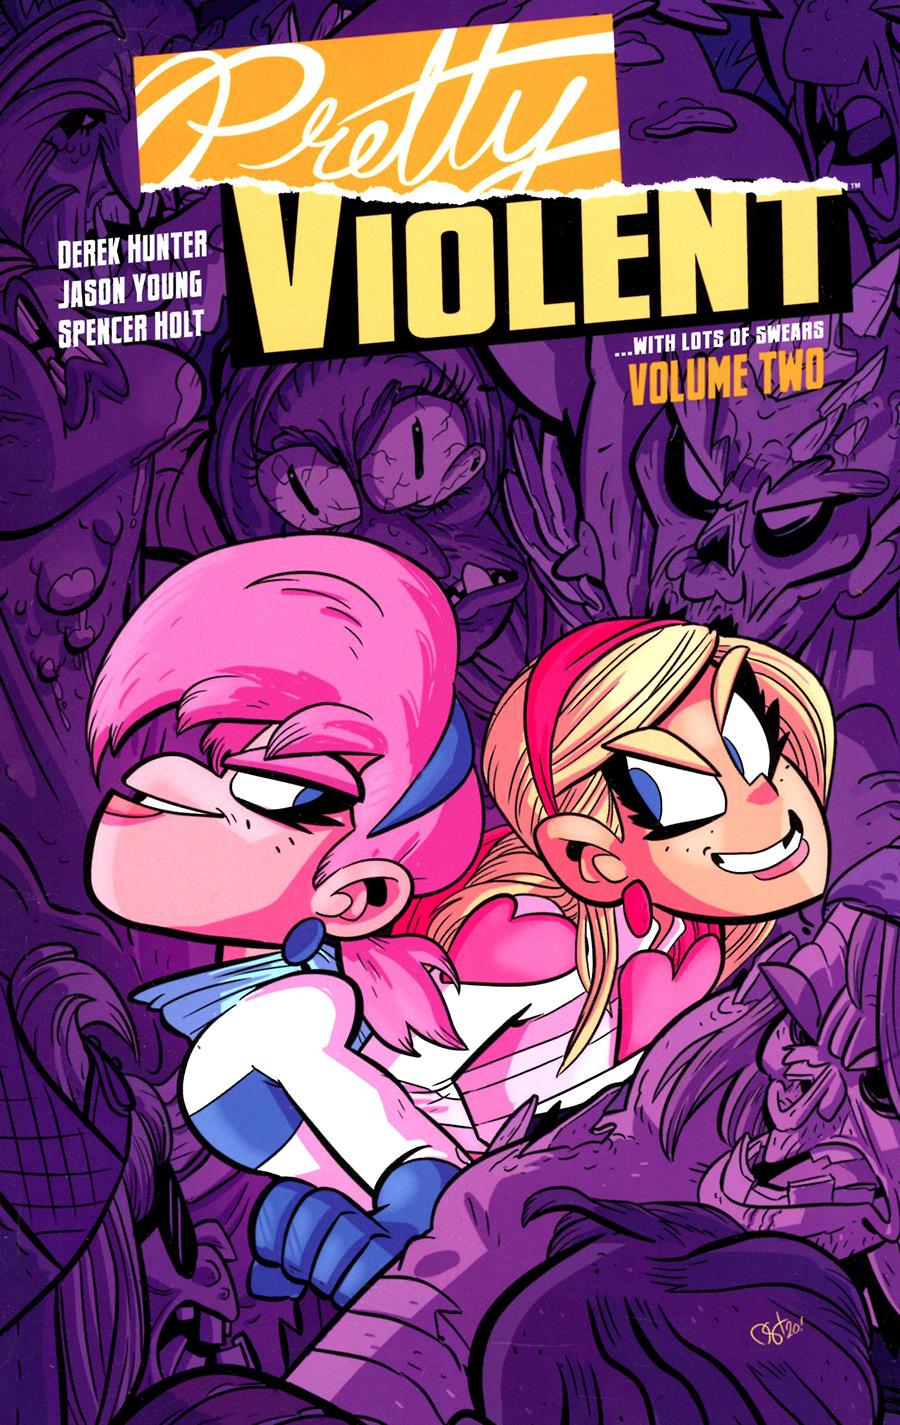 Pretty Violent Vol 2 TP